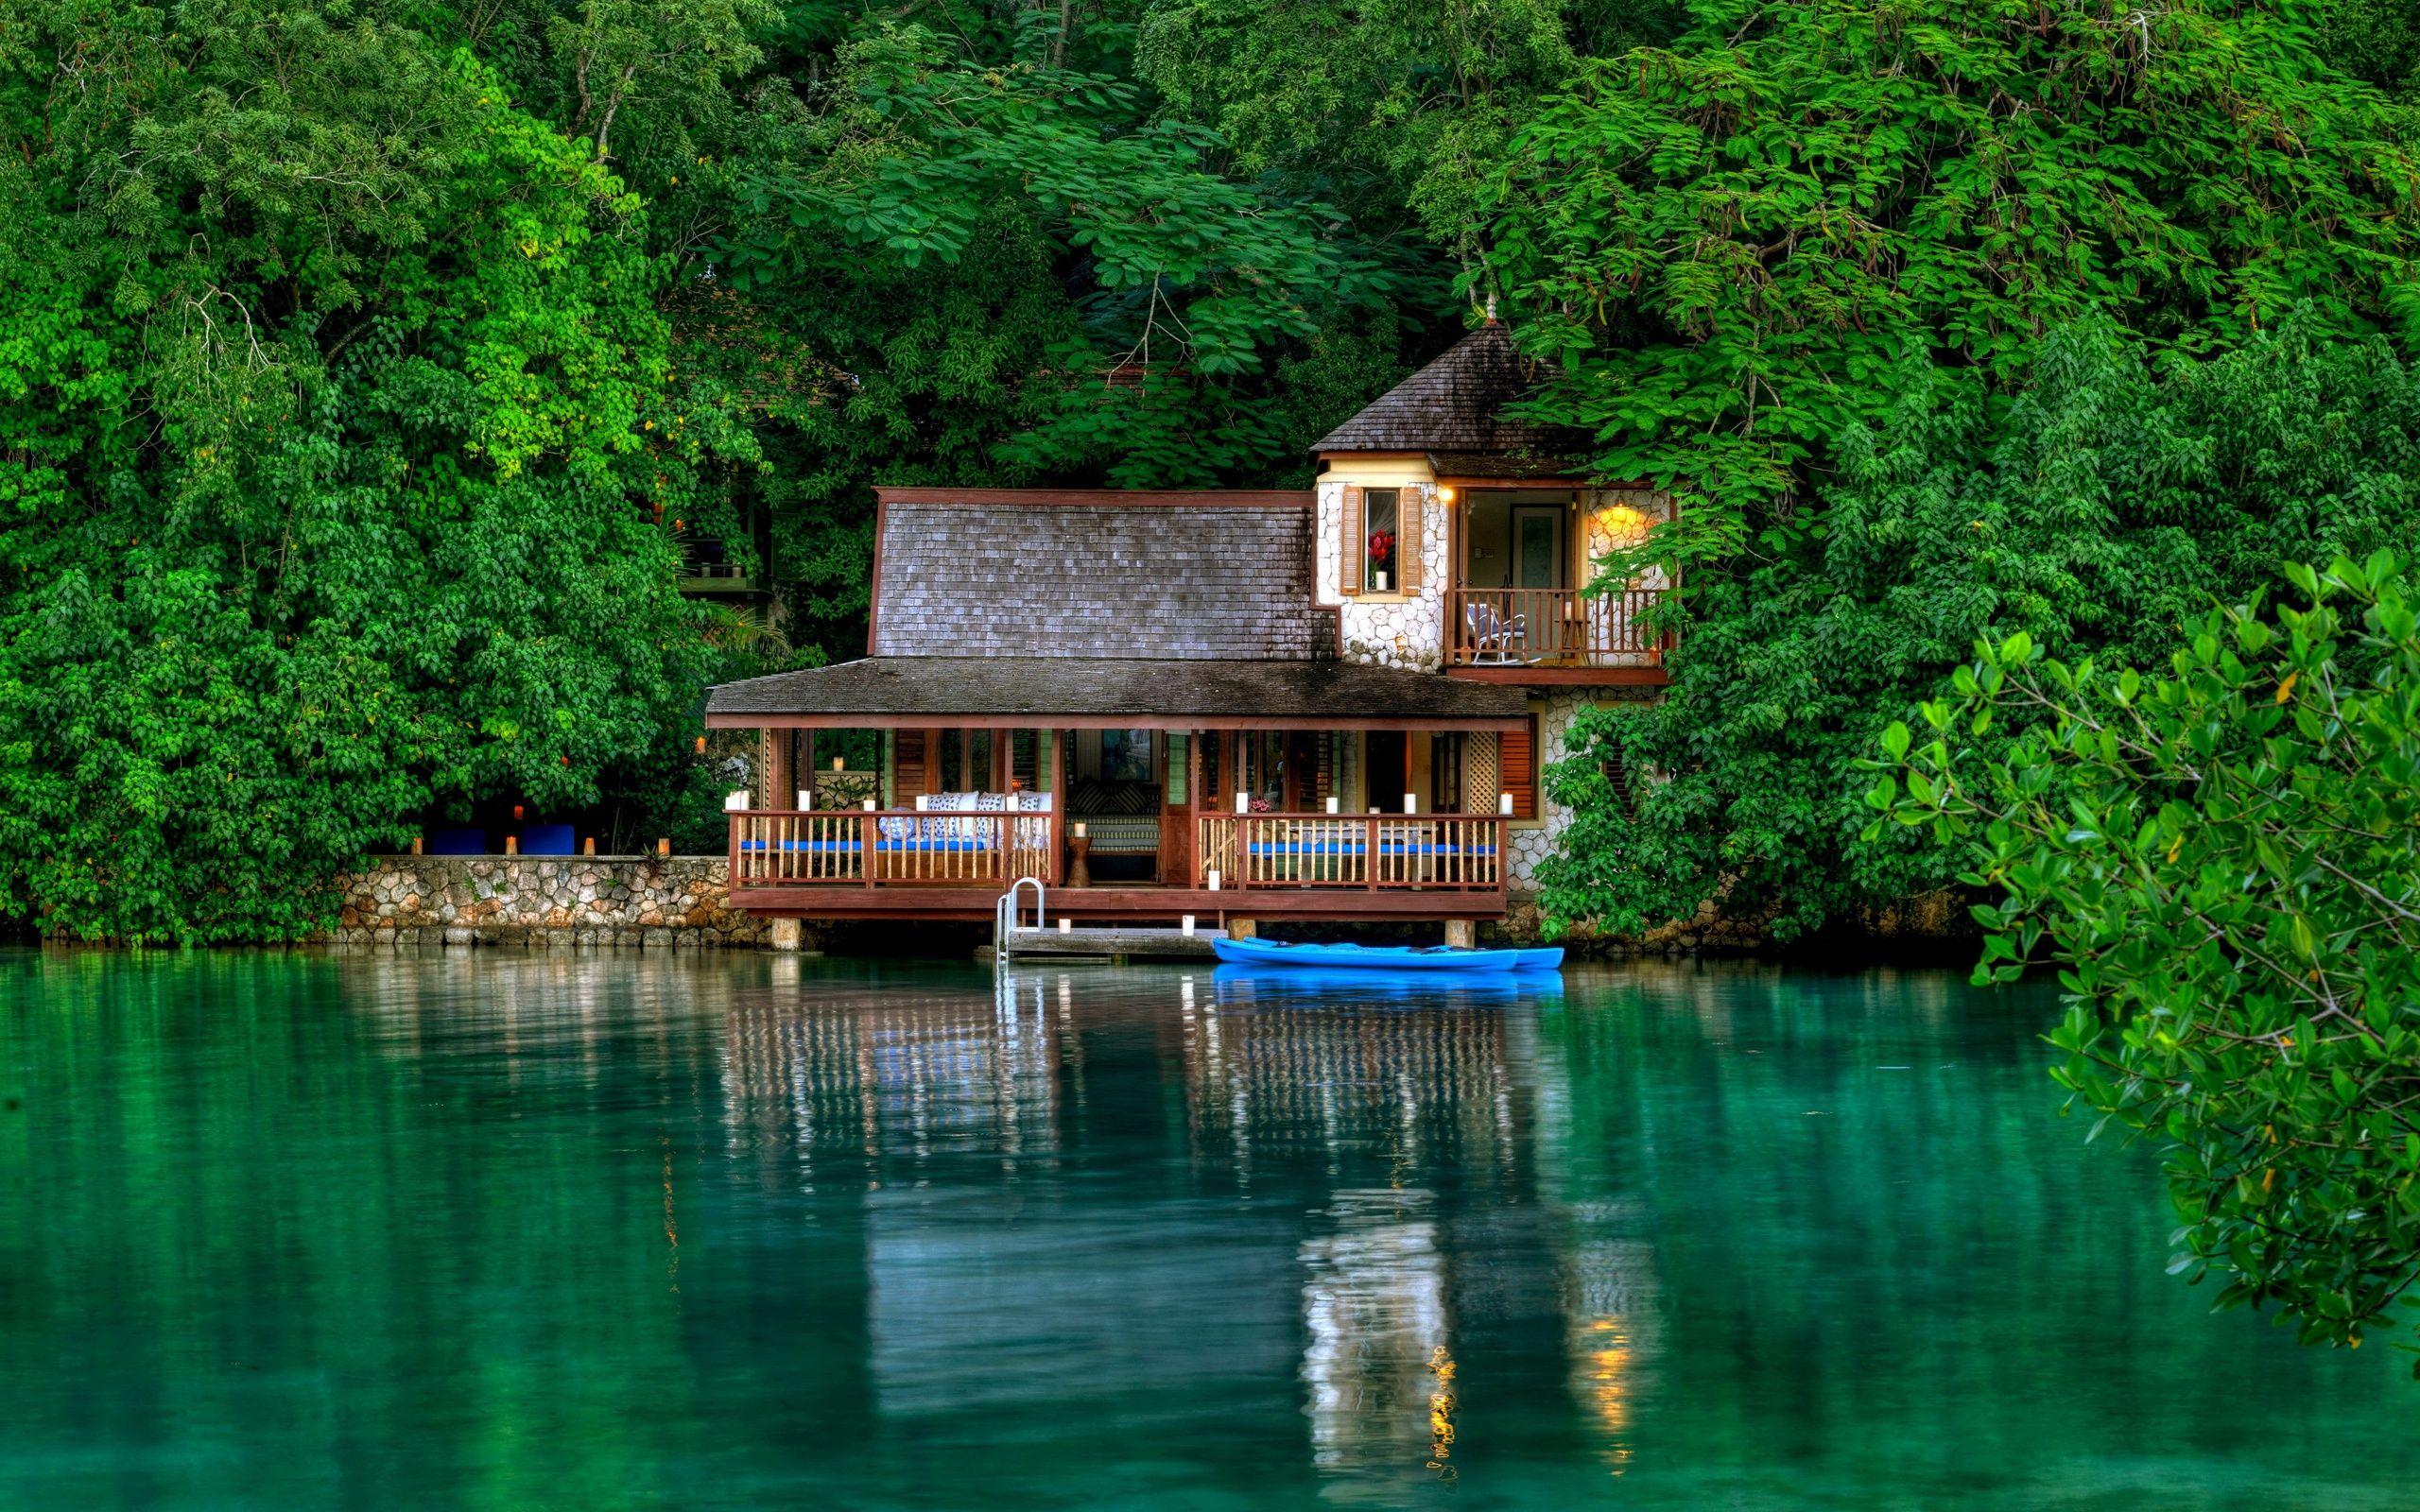 Jamaica Landschaft, grüne Bäume, der See, das Haus